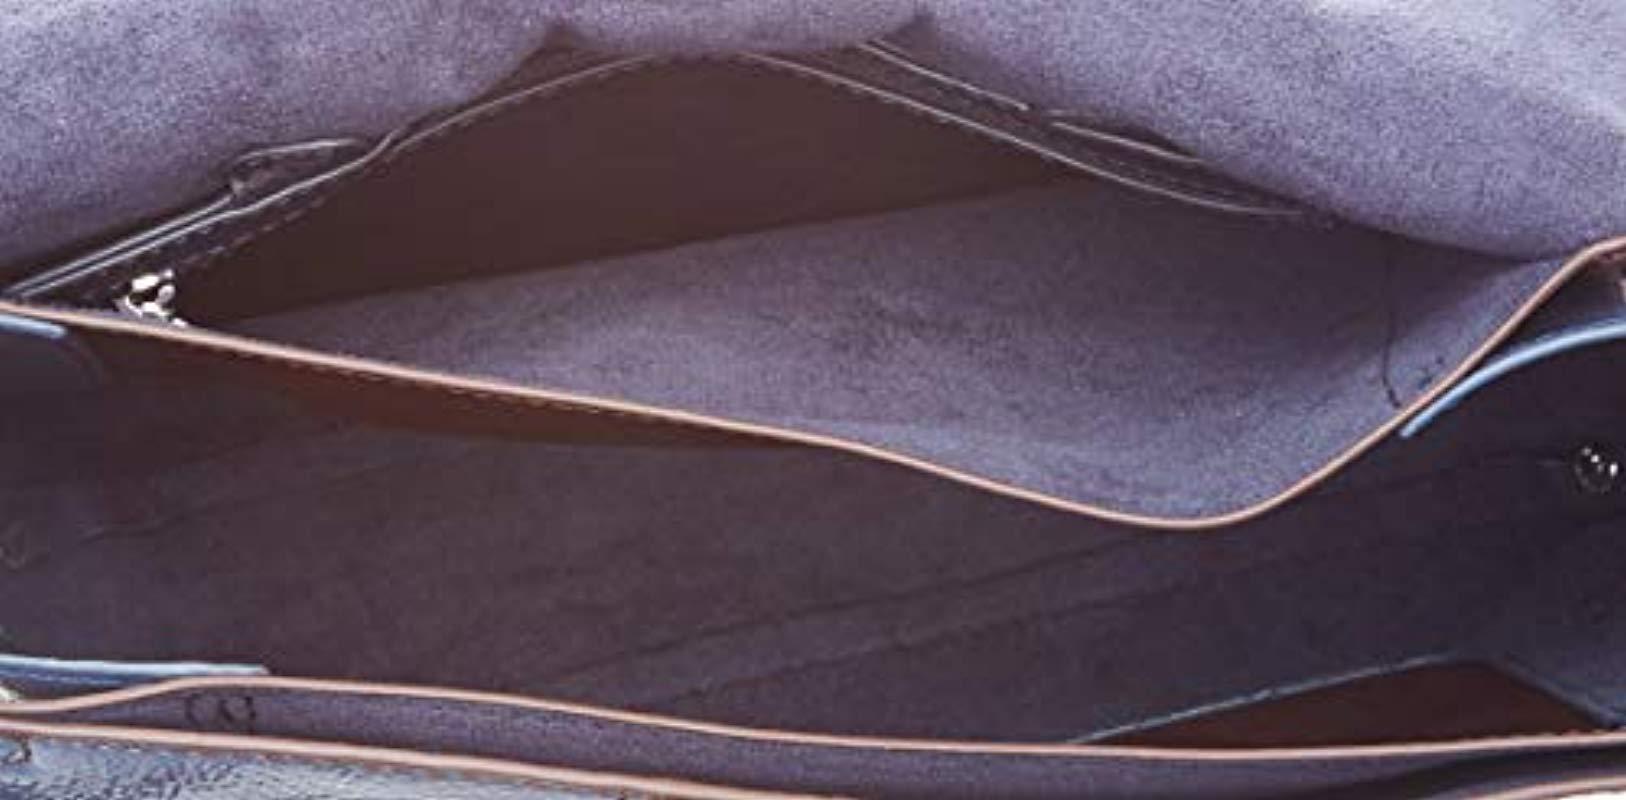 19WAXP53, sac bandoulière femme 16x6x26 cm (B x H x T) Desigual en coloris Marron